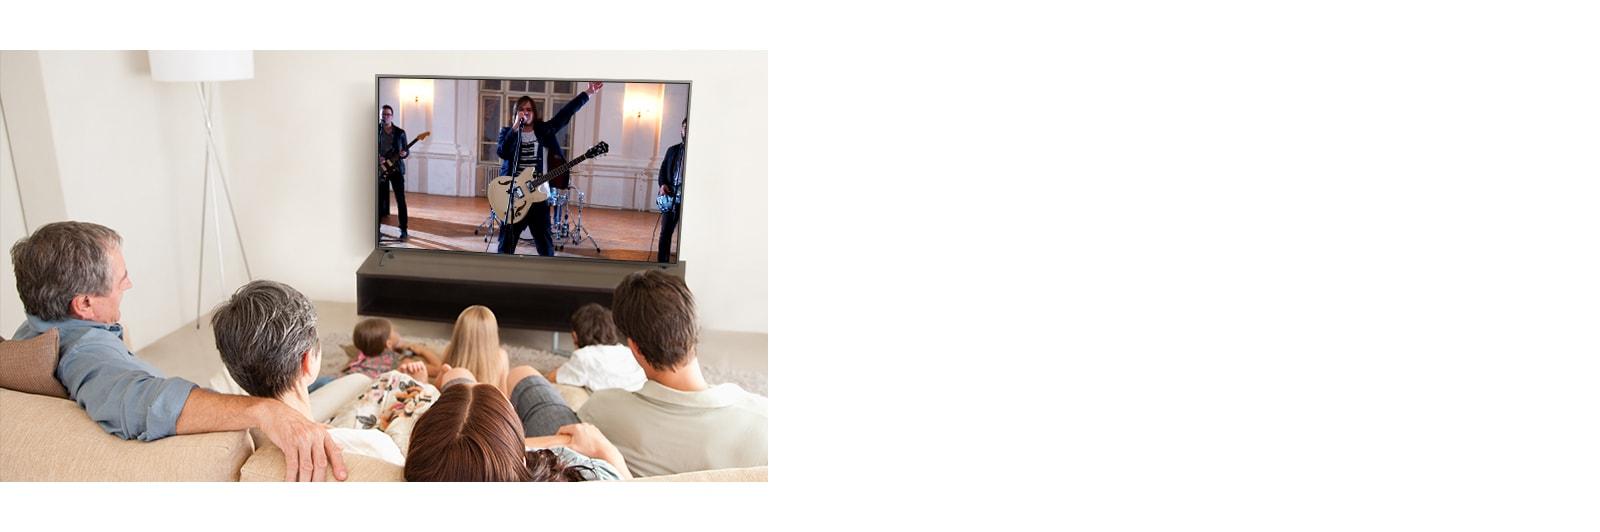 Семейство от седем души гледа филм във всекидневната. На телевизионния екран се вижда оркестър, който свири.